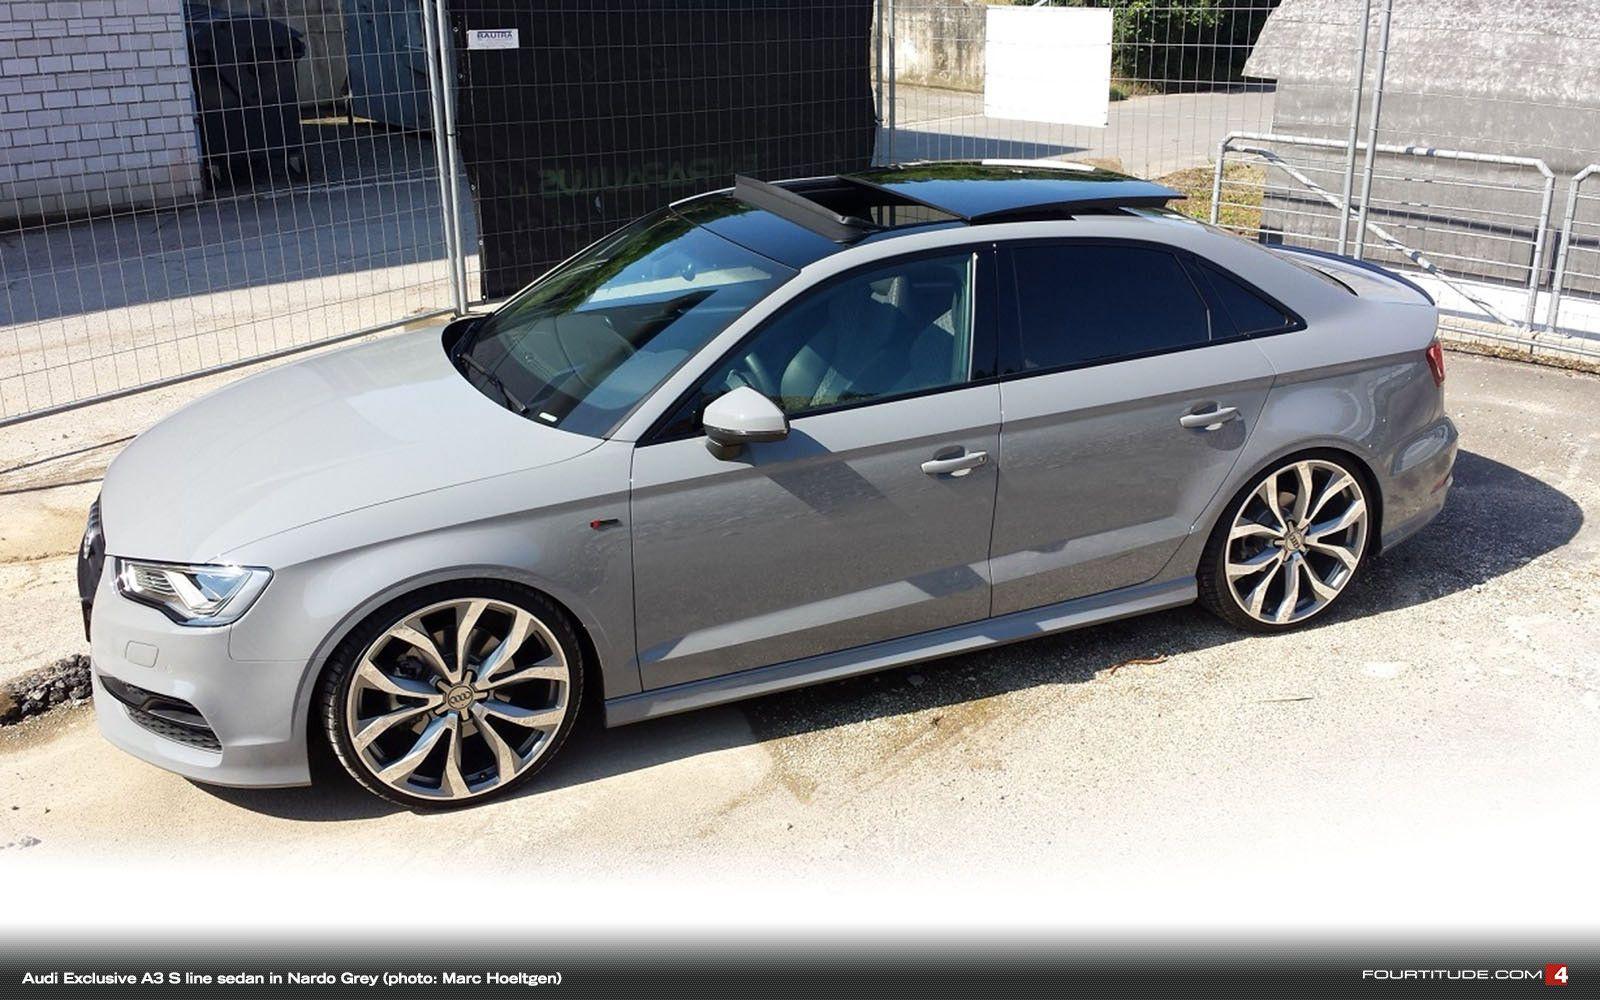 Audi S3 ; nardo grey   Audi a3 sedan, Sedan cars, Audi cars